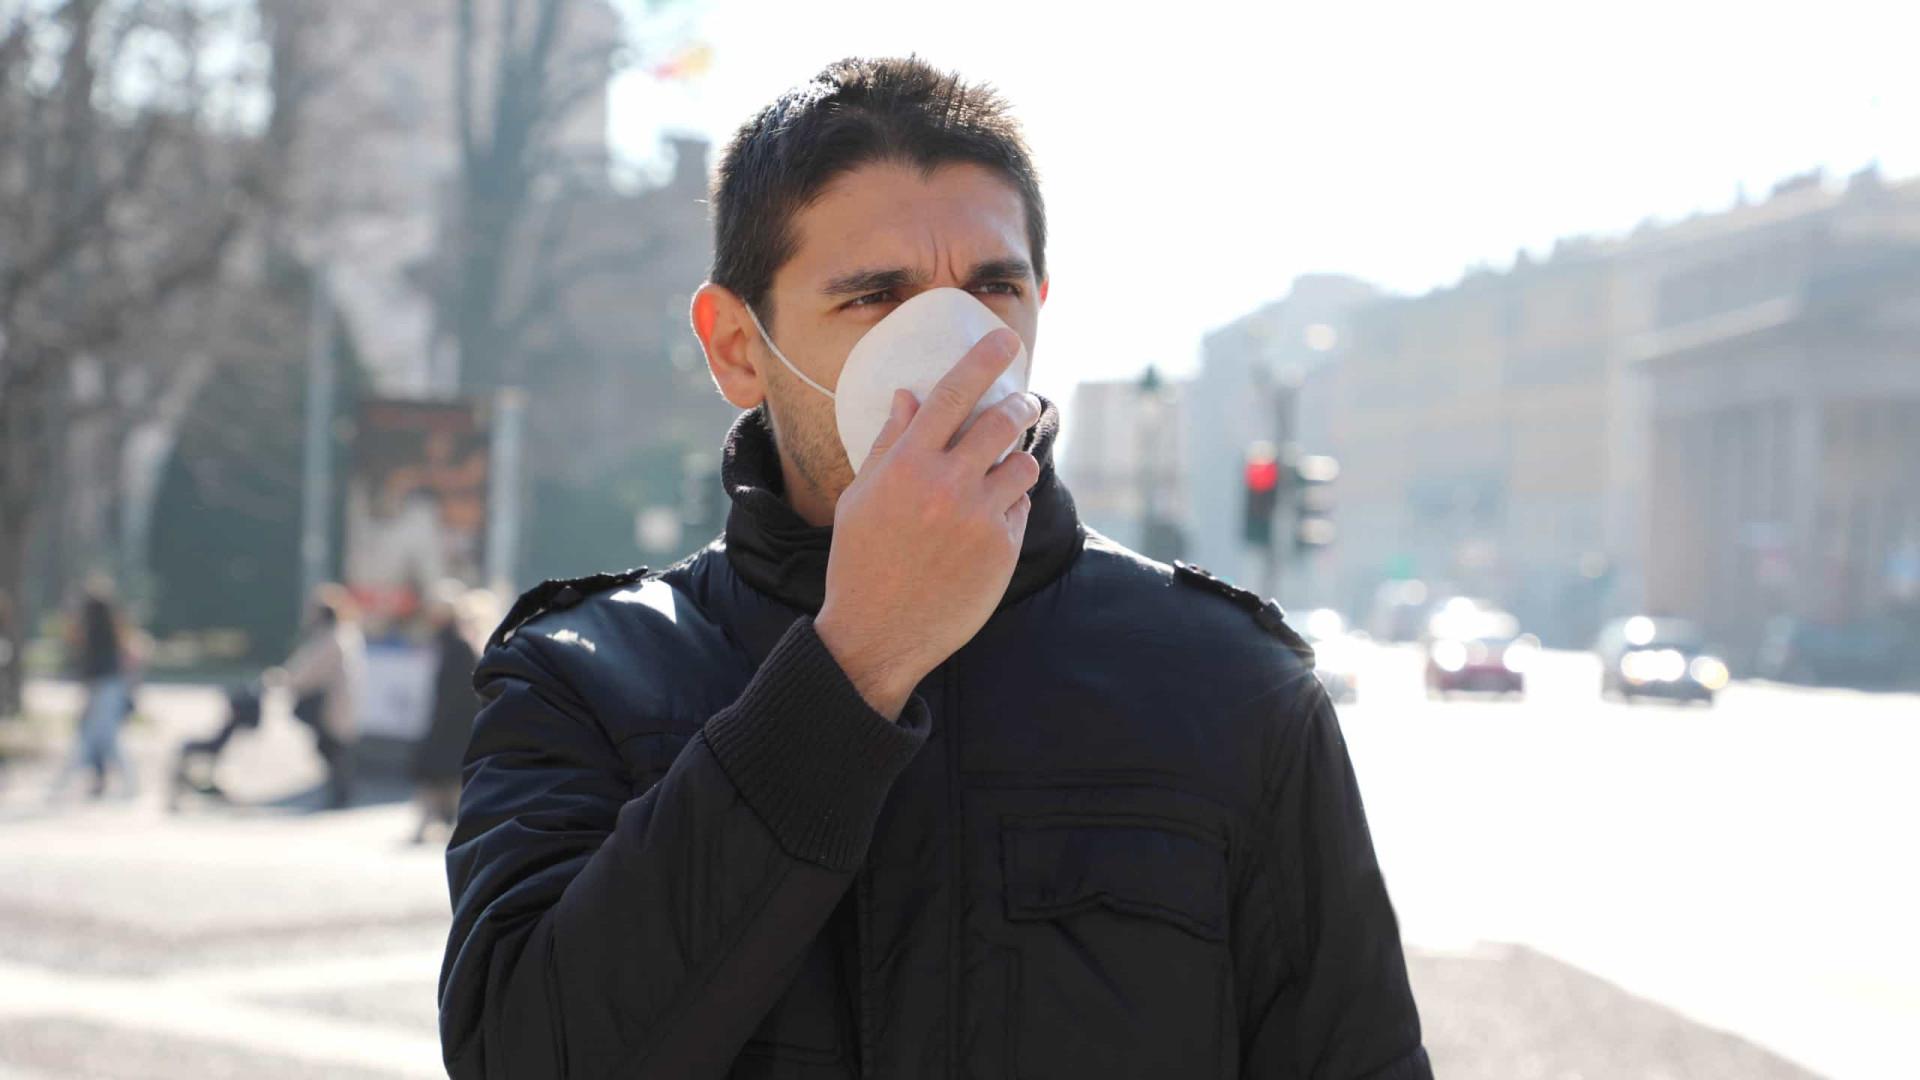 Este é o principal sintoma de casos positivos de coronavírus, diz estudo